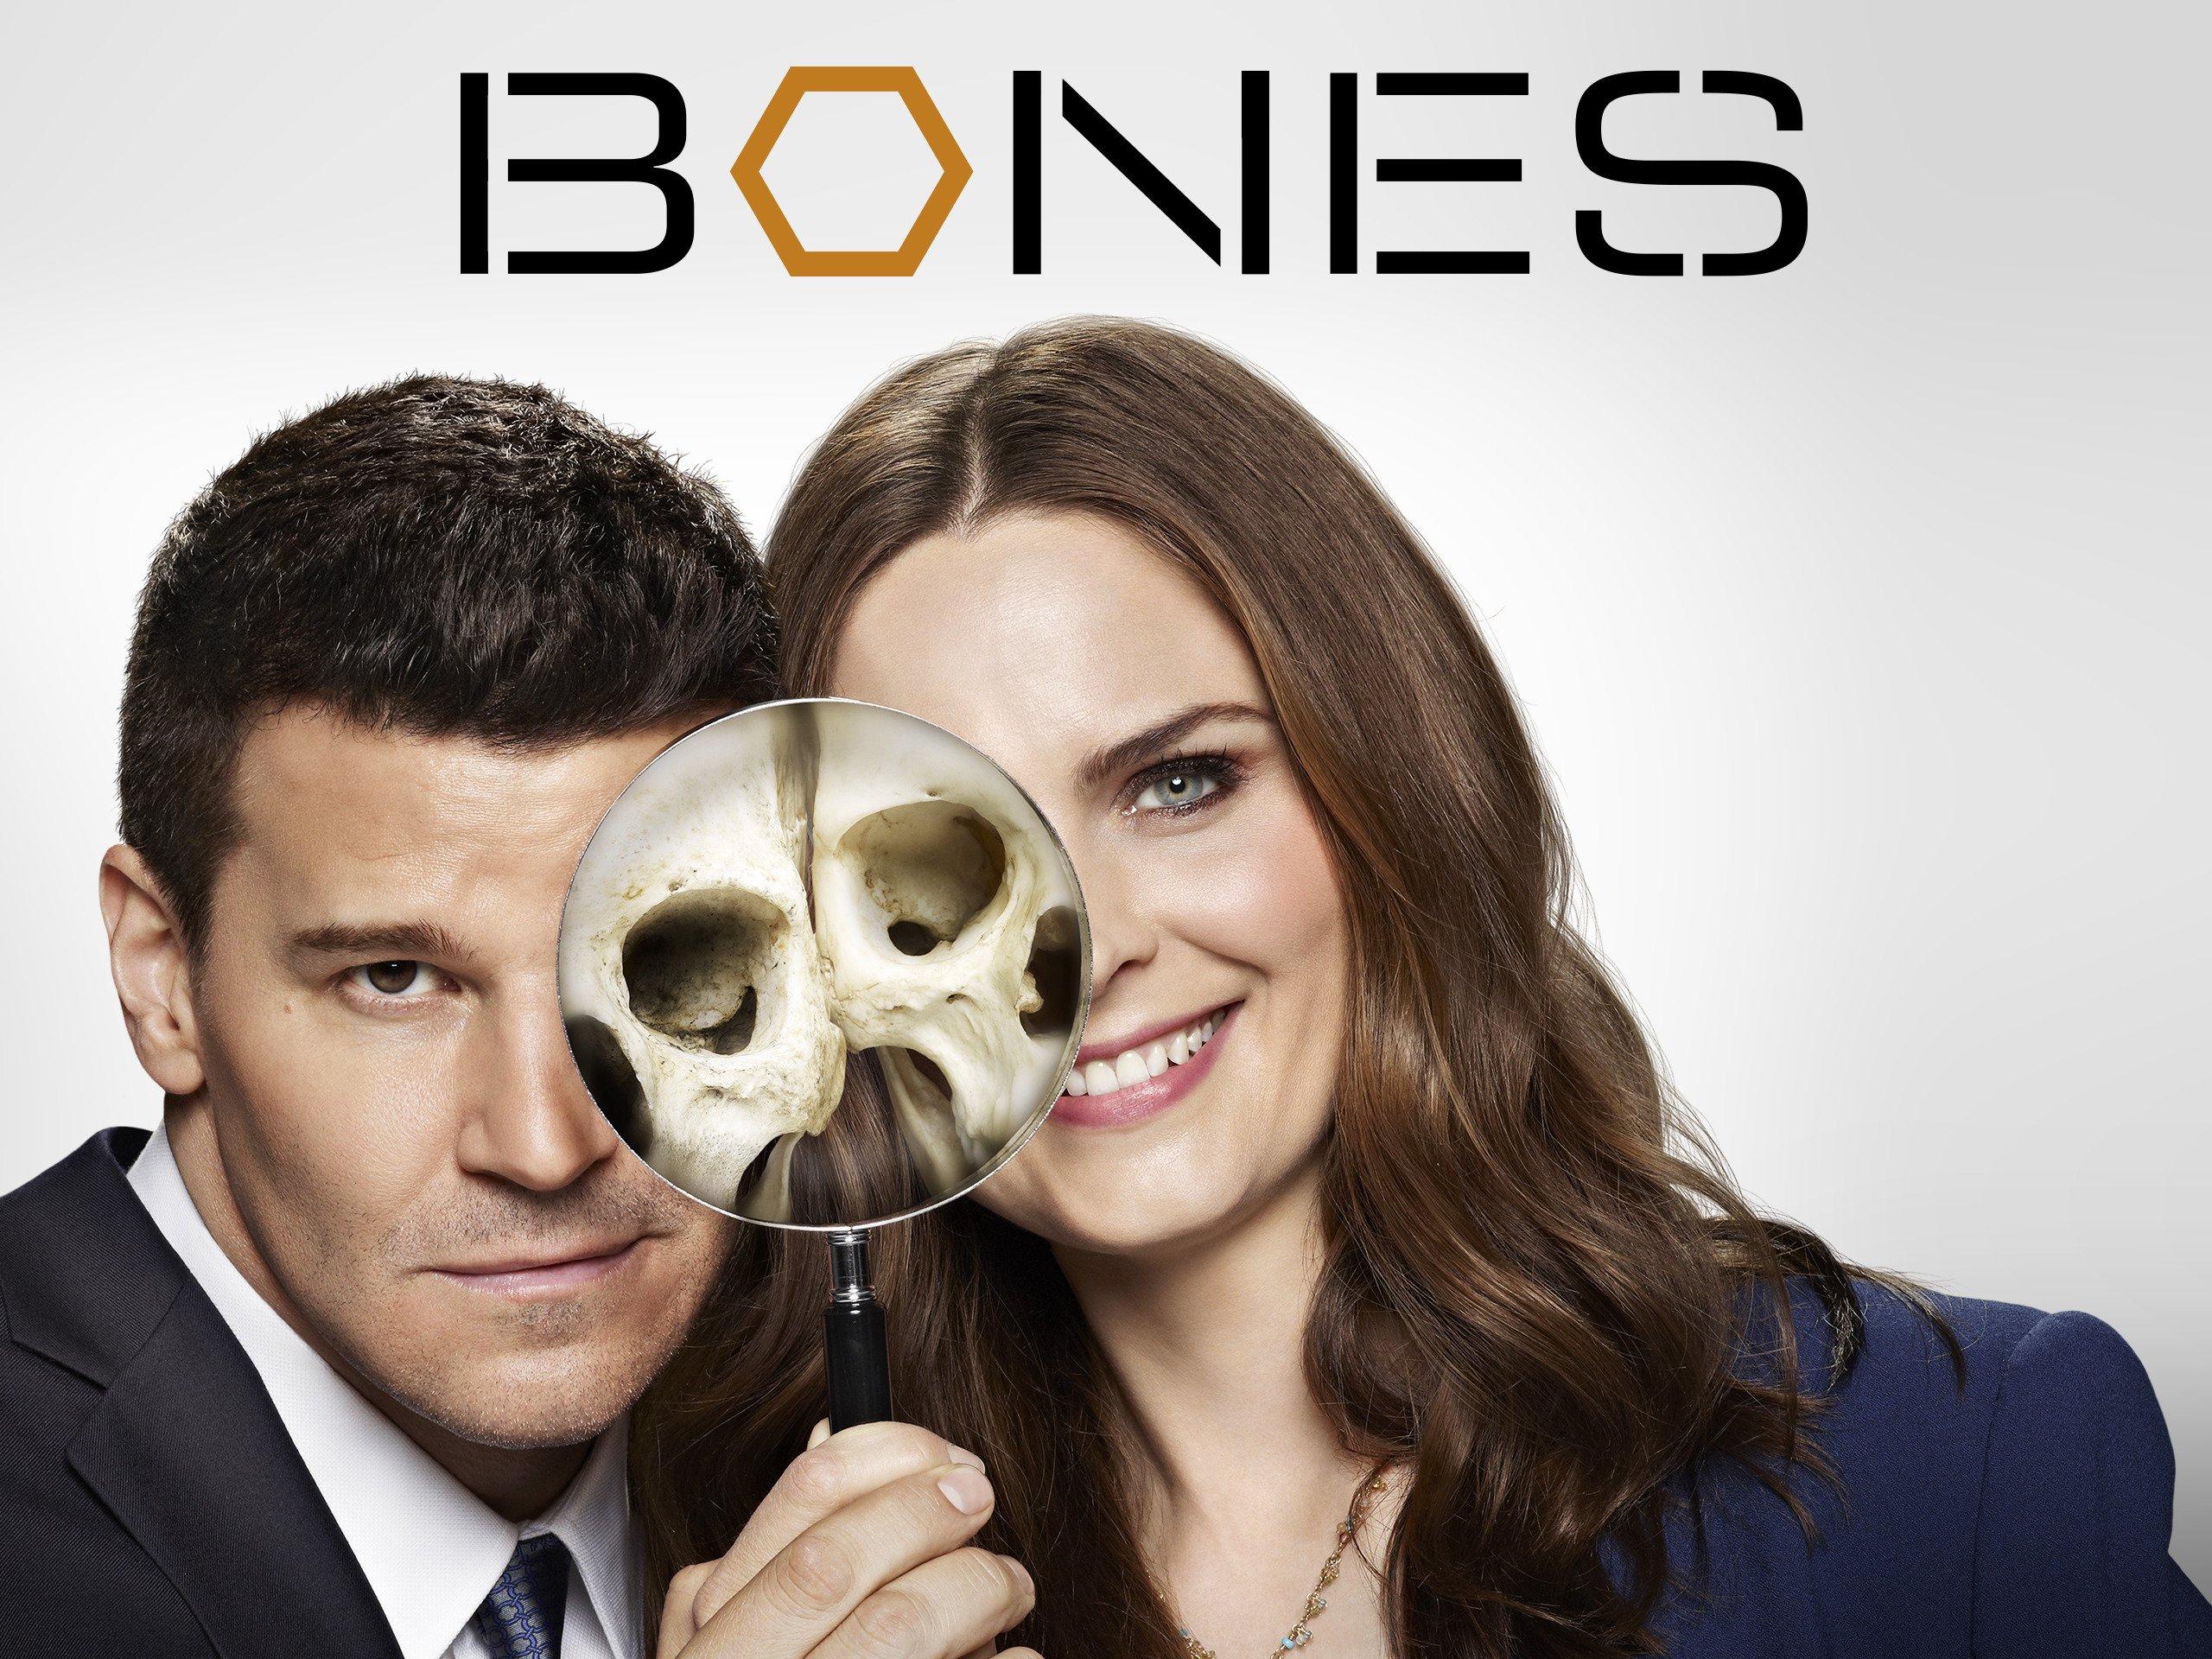 Bones on Amazon Prime Video UK